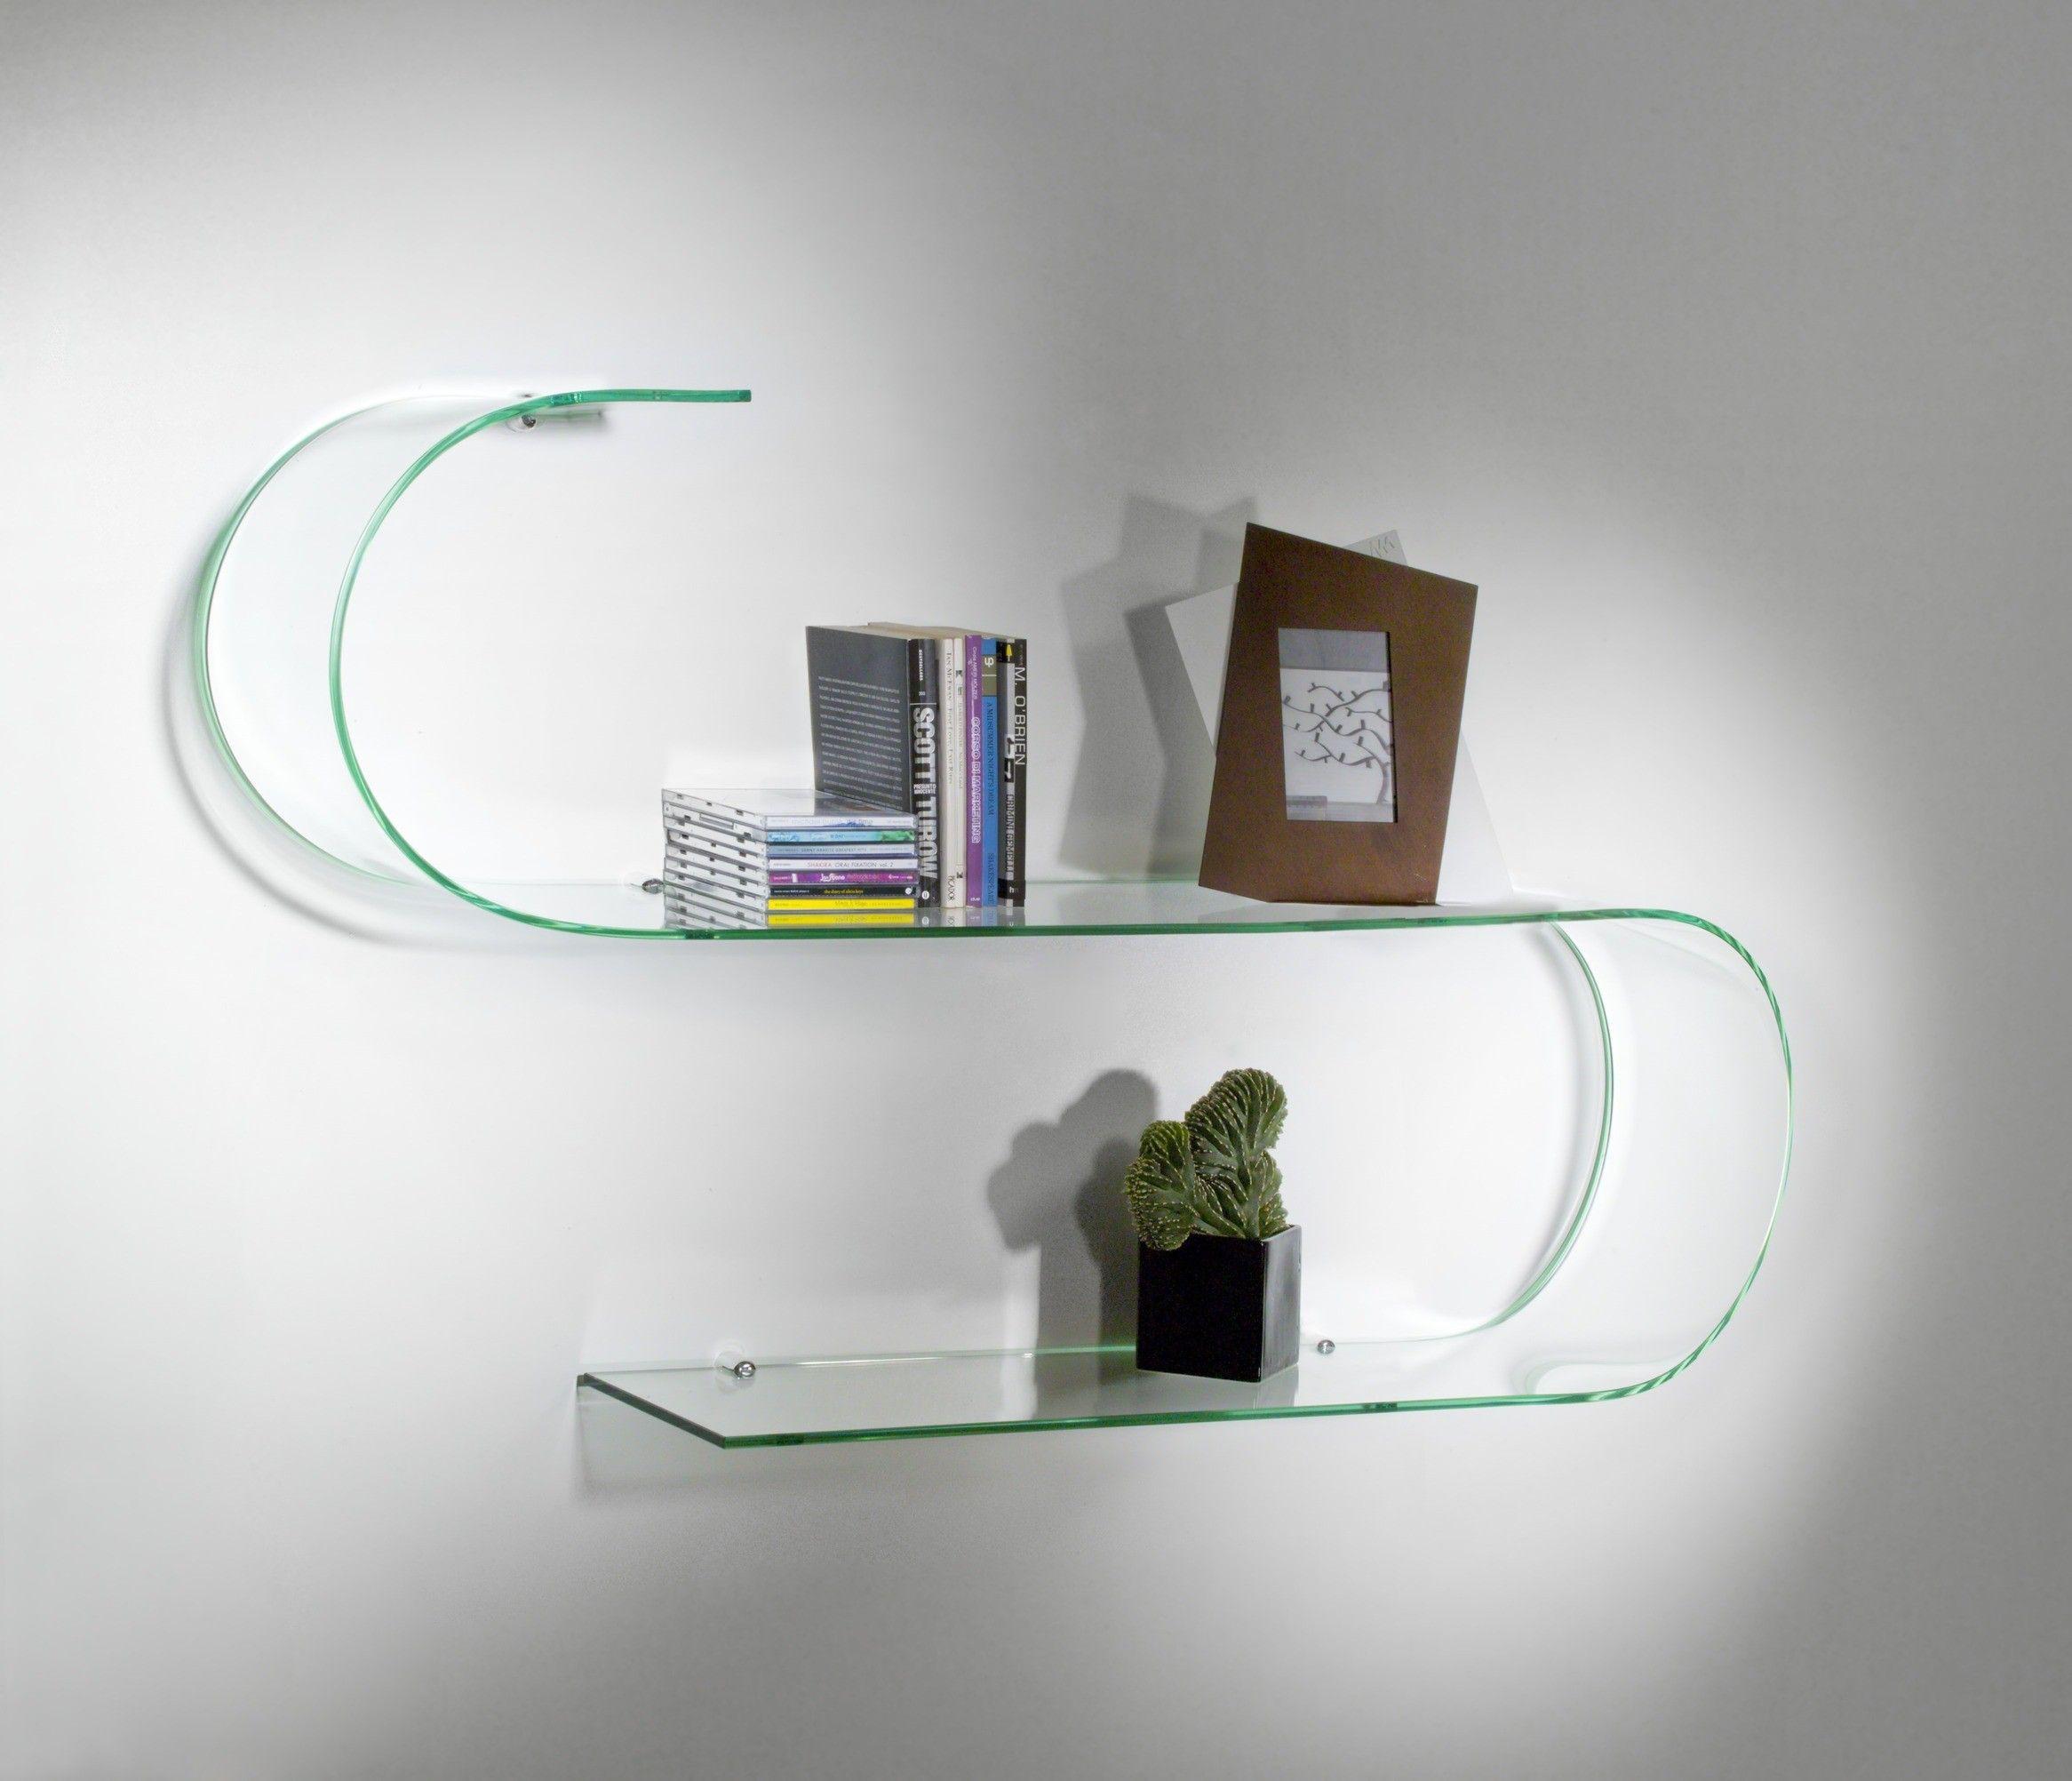 Idee mensole soggiorno: idee soggiorno minimal : moderno, arredo ...